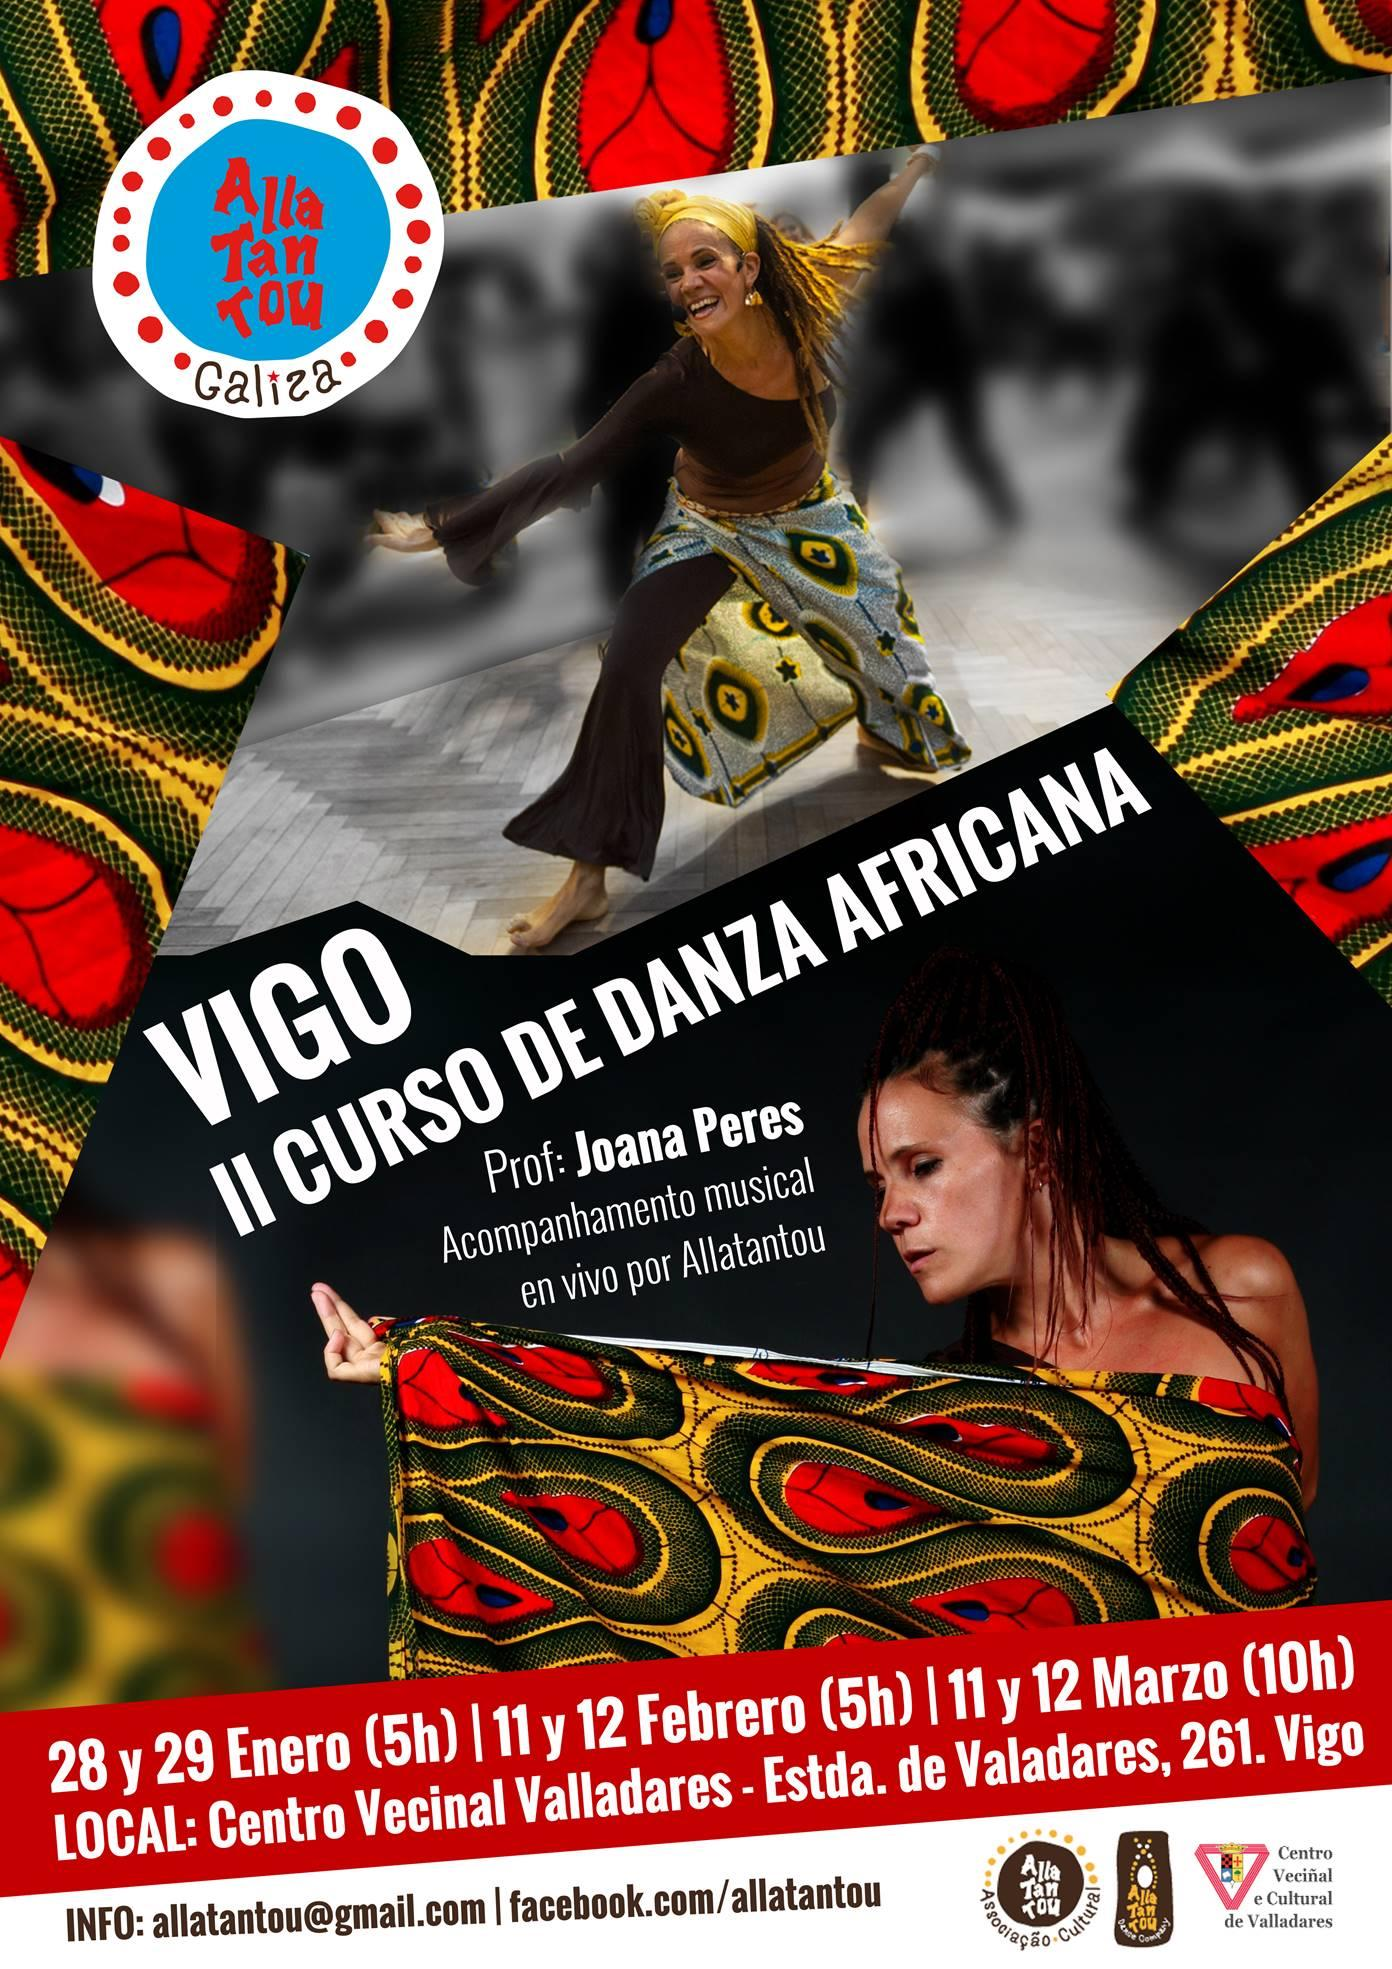 Curso de danza africana con música en vivo